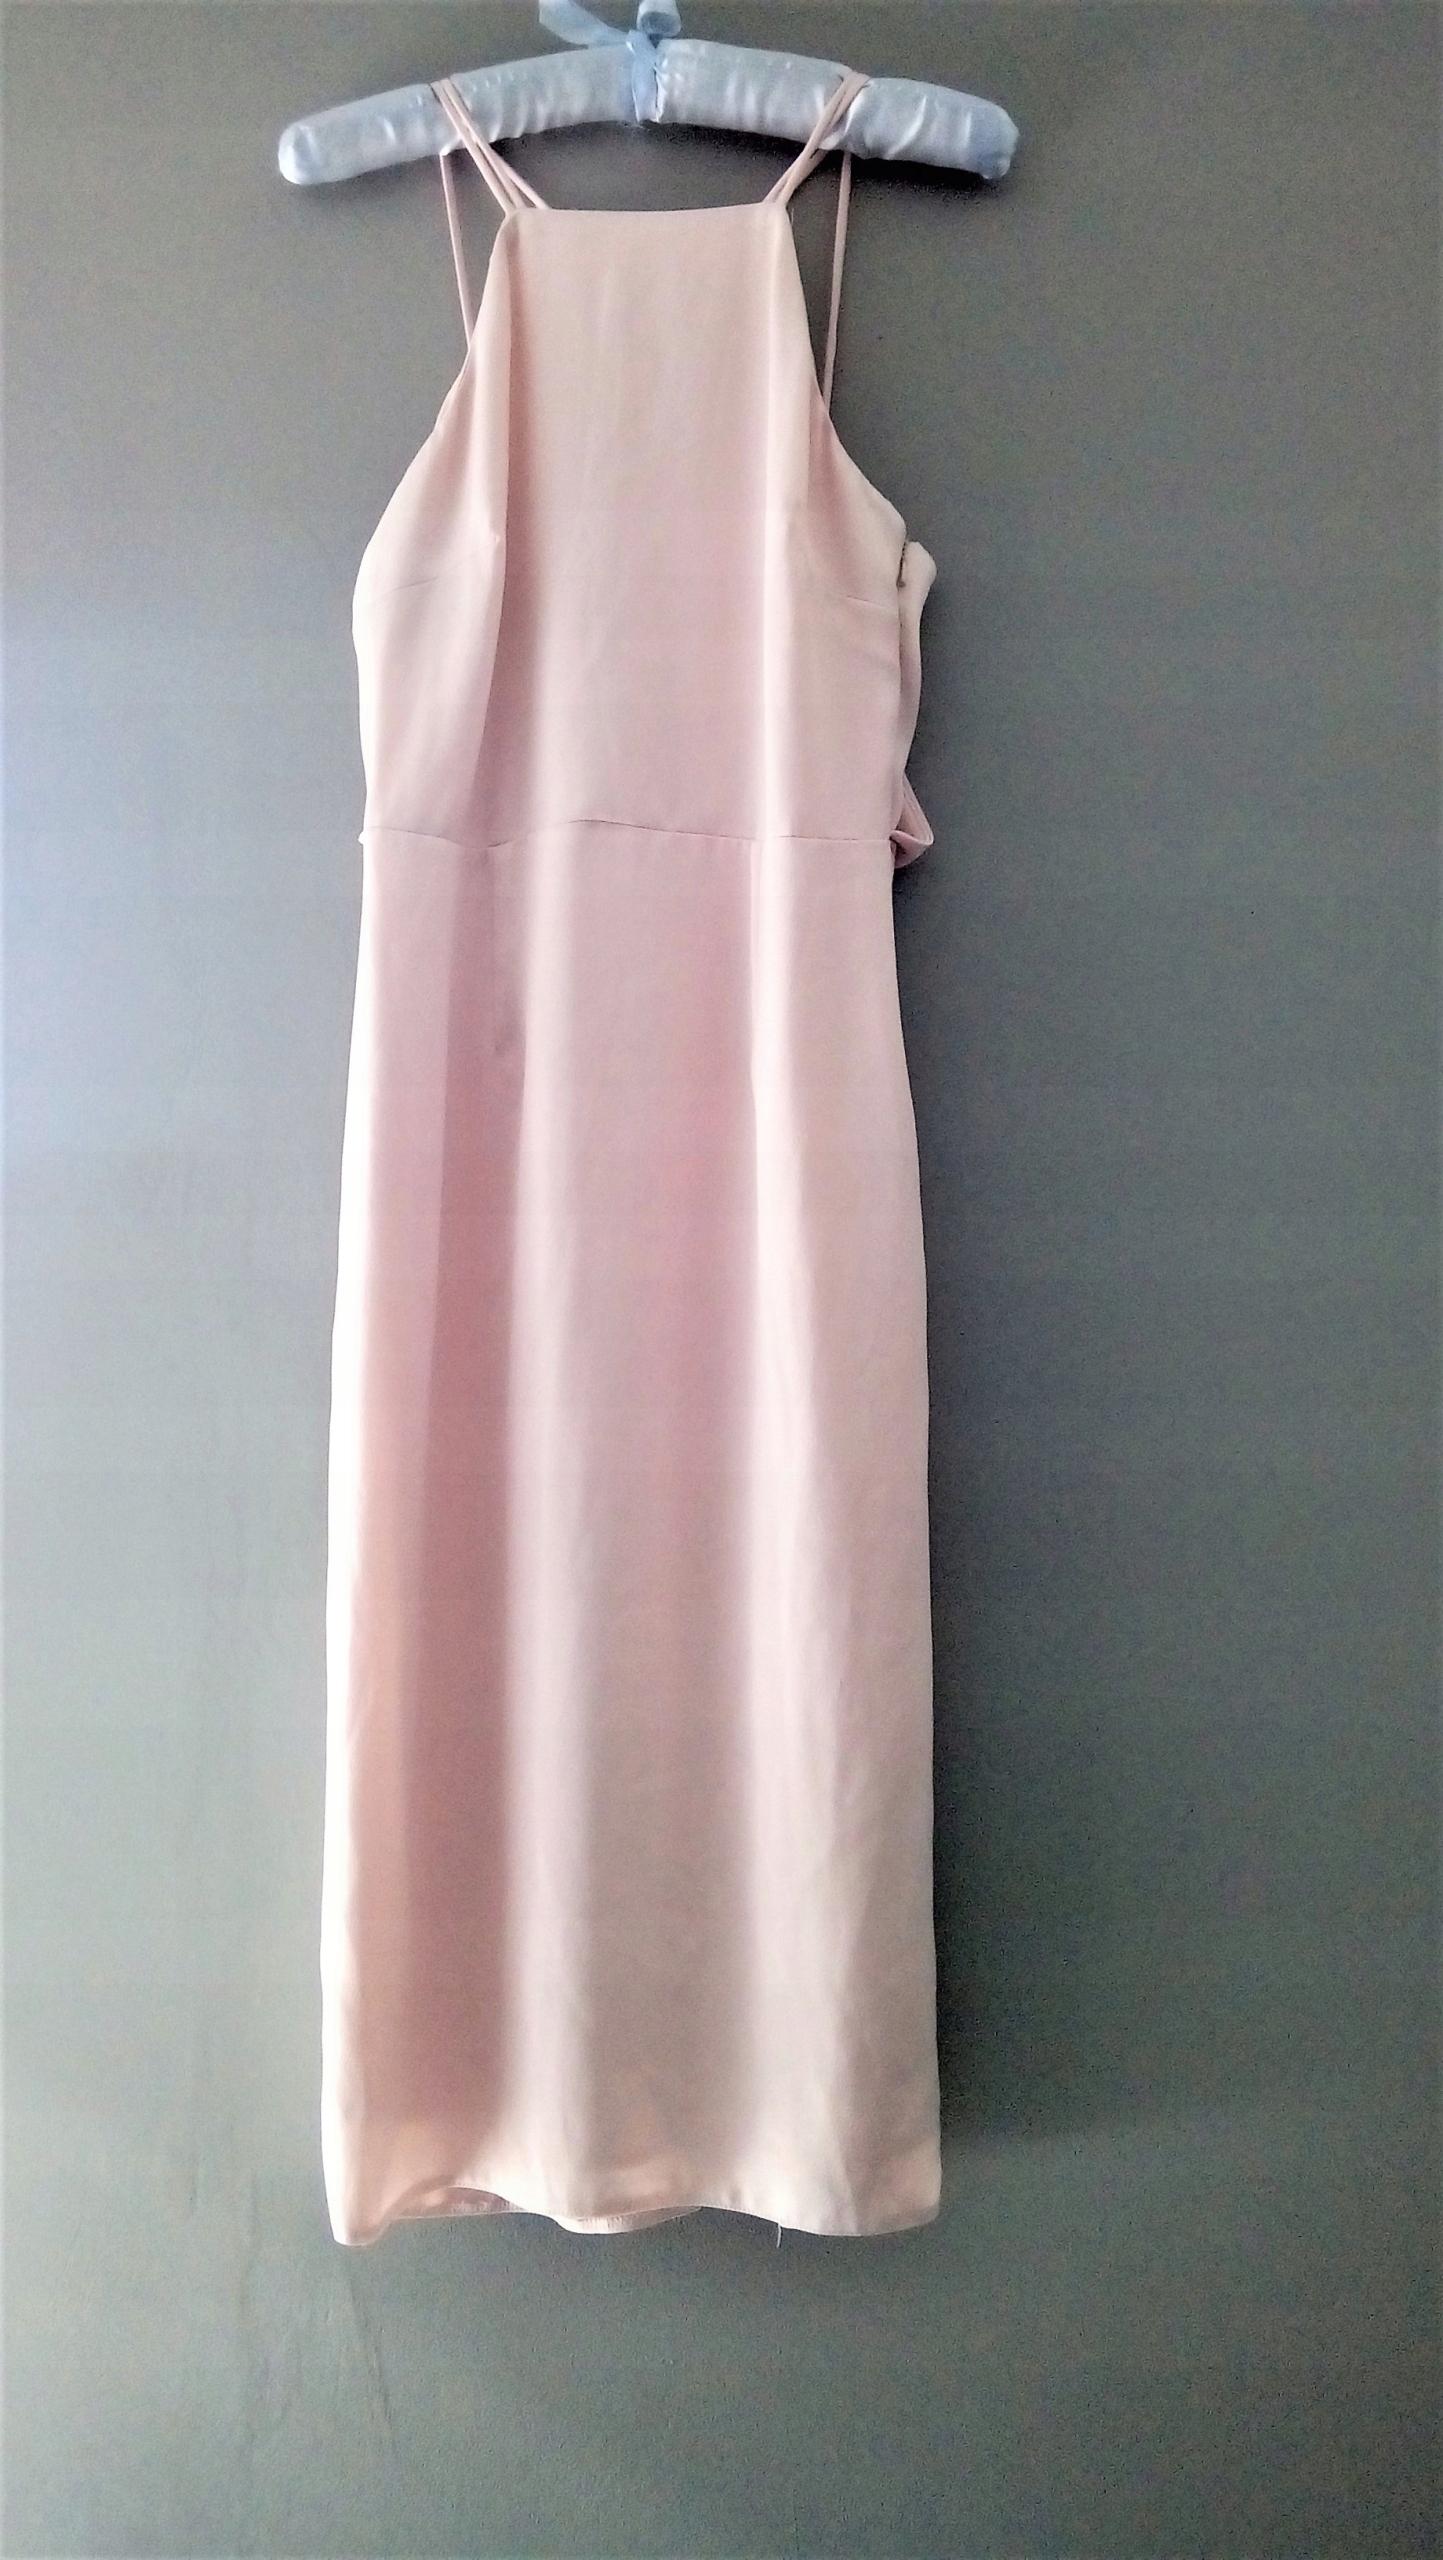 b08a7e8cf2 Sukienka wieczorowa piękna ASOS pudrowy róż - 7542412604 - oficjalne ...